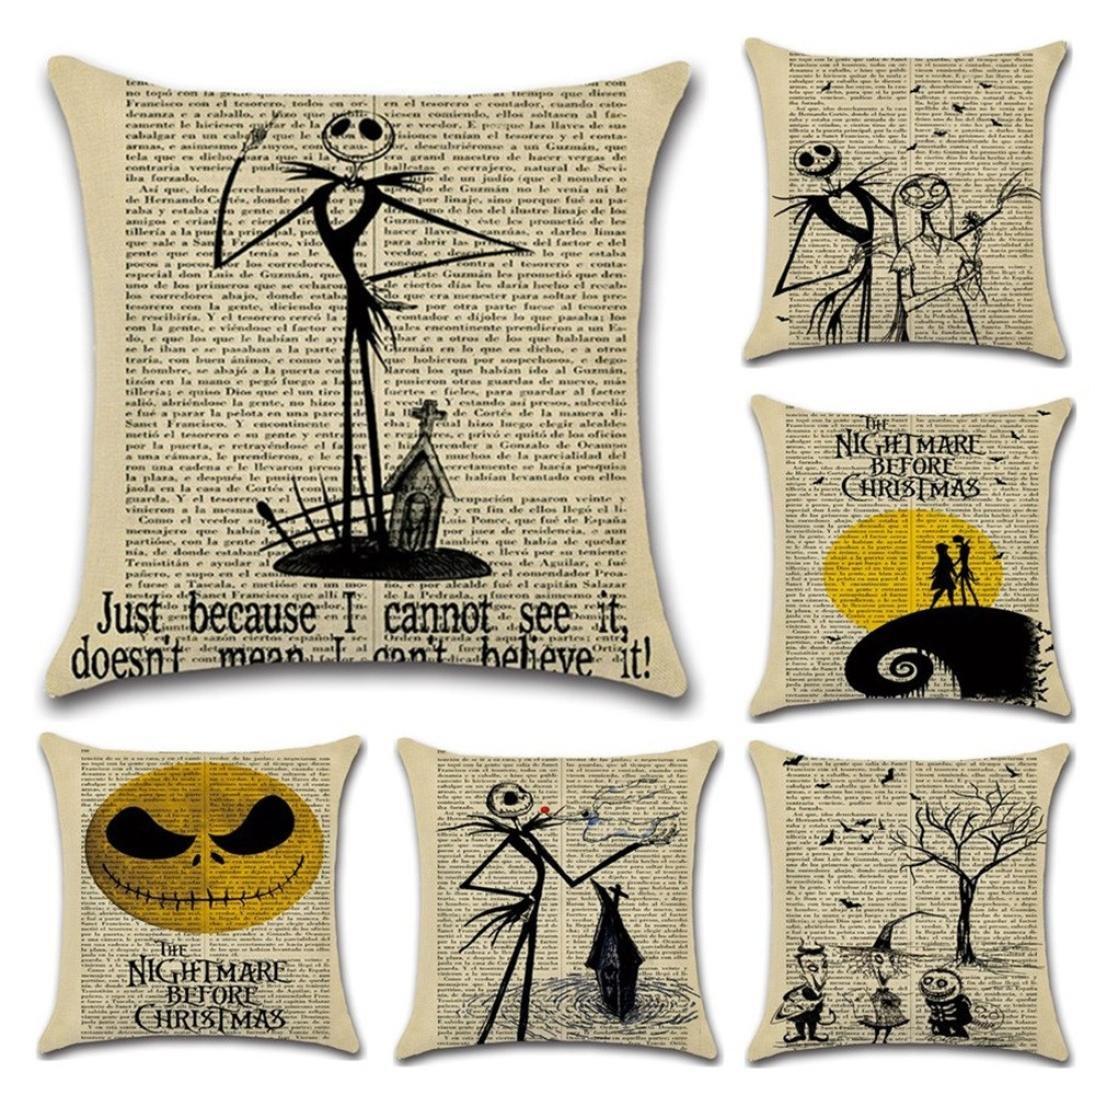 paymenow feliz Halloween carta impreso fundas de almohada de lino sofá almohada decoración para el hogar: Amazon.es: Hogar